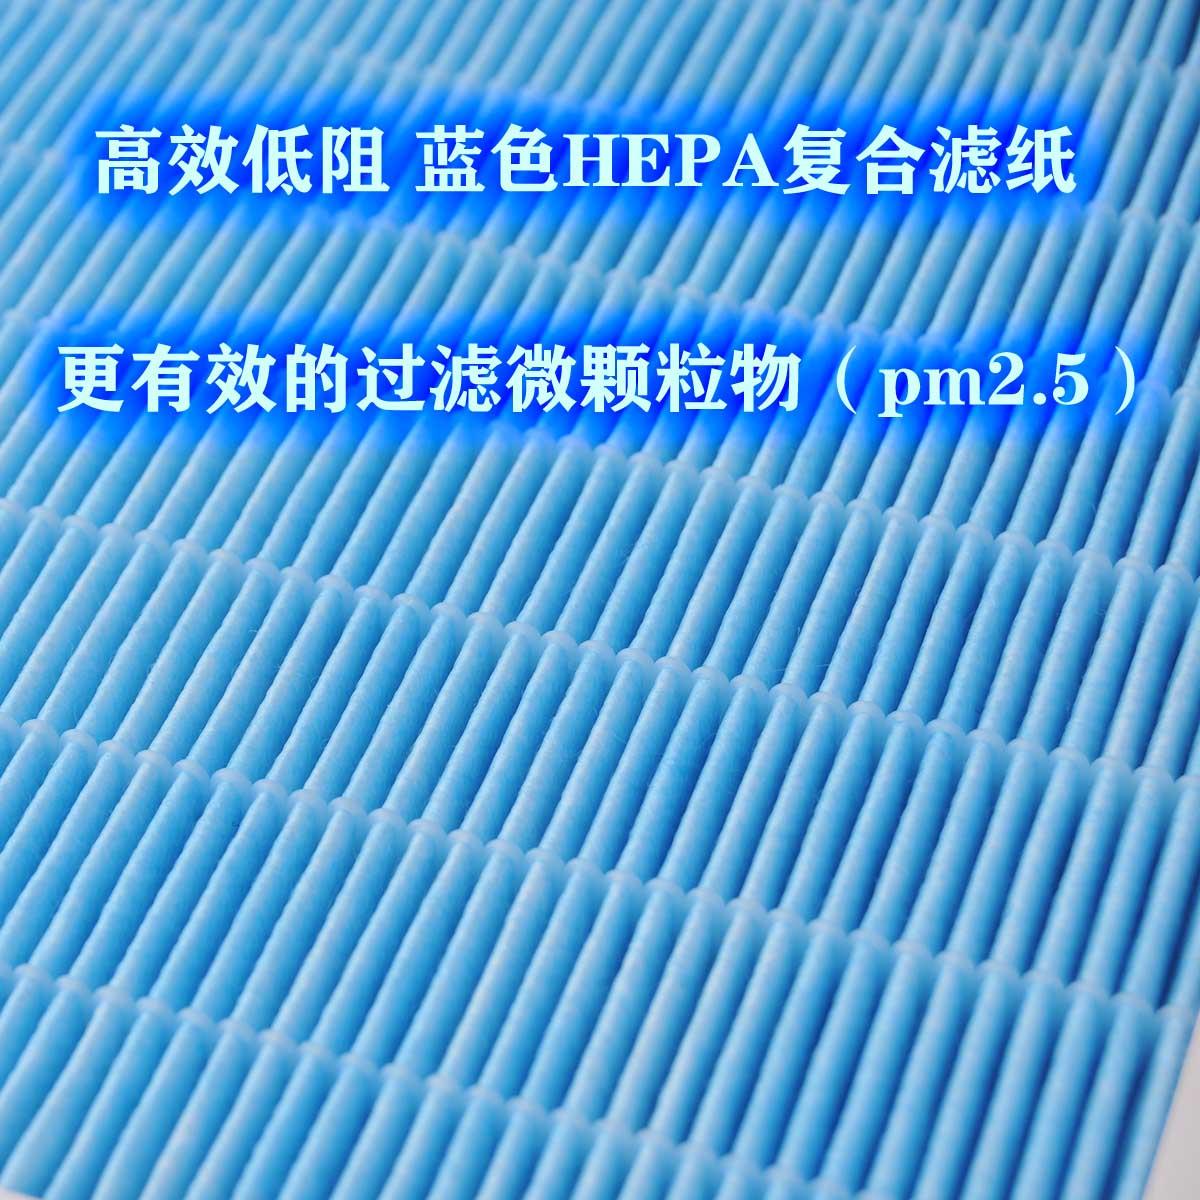 за исключением запах формальдегида автомобиль подходит с анти - смога тч2,5 пыльца фильтр hepa фильтрации кондиционер фильтр